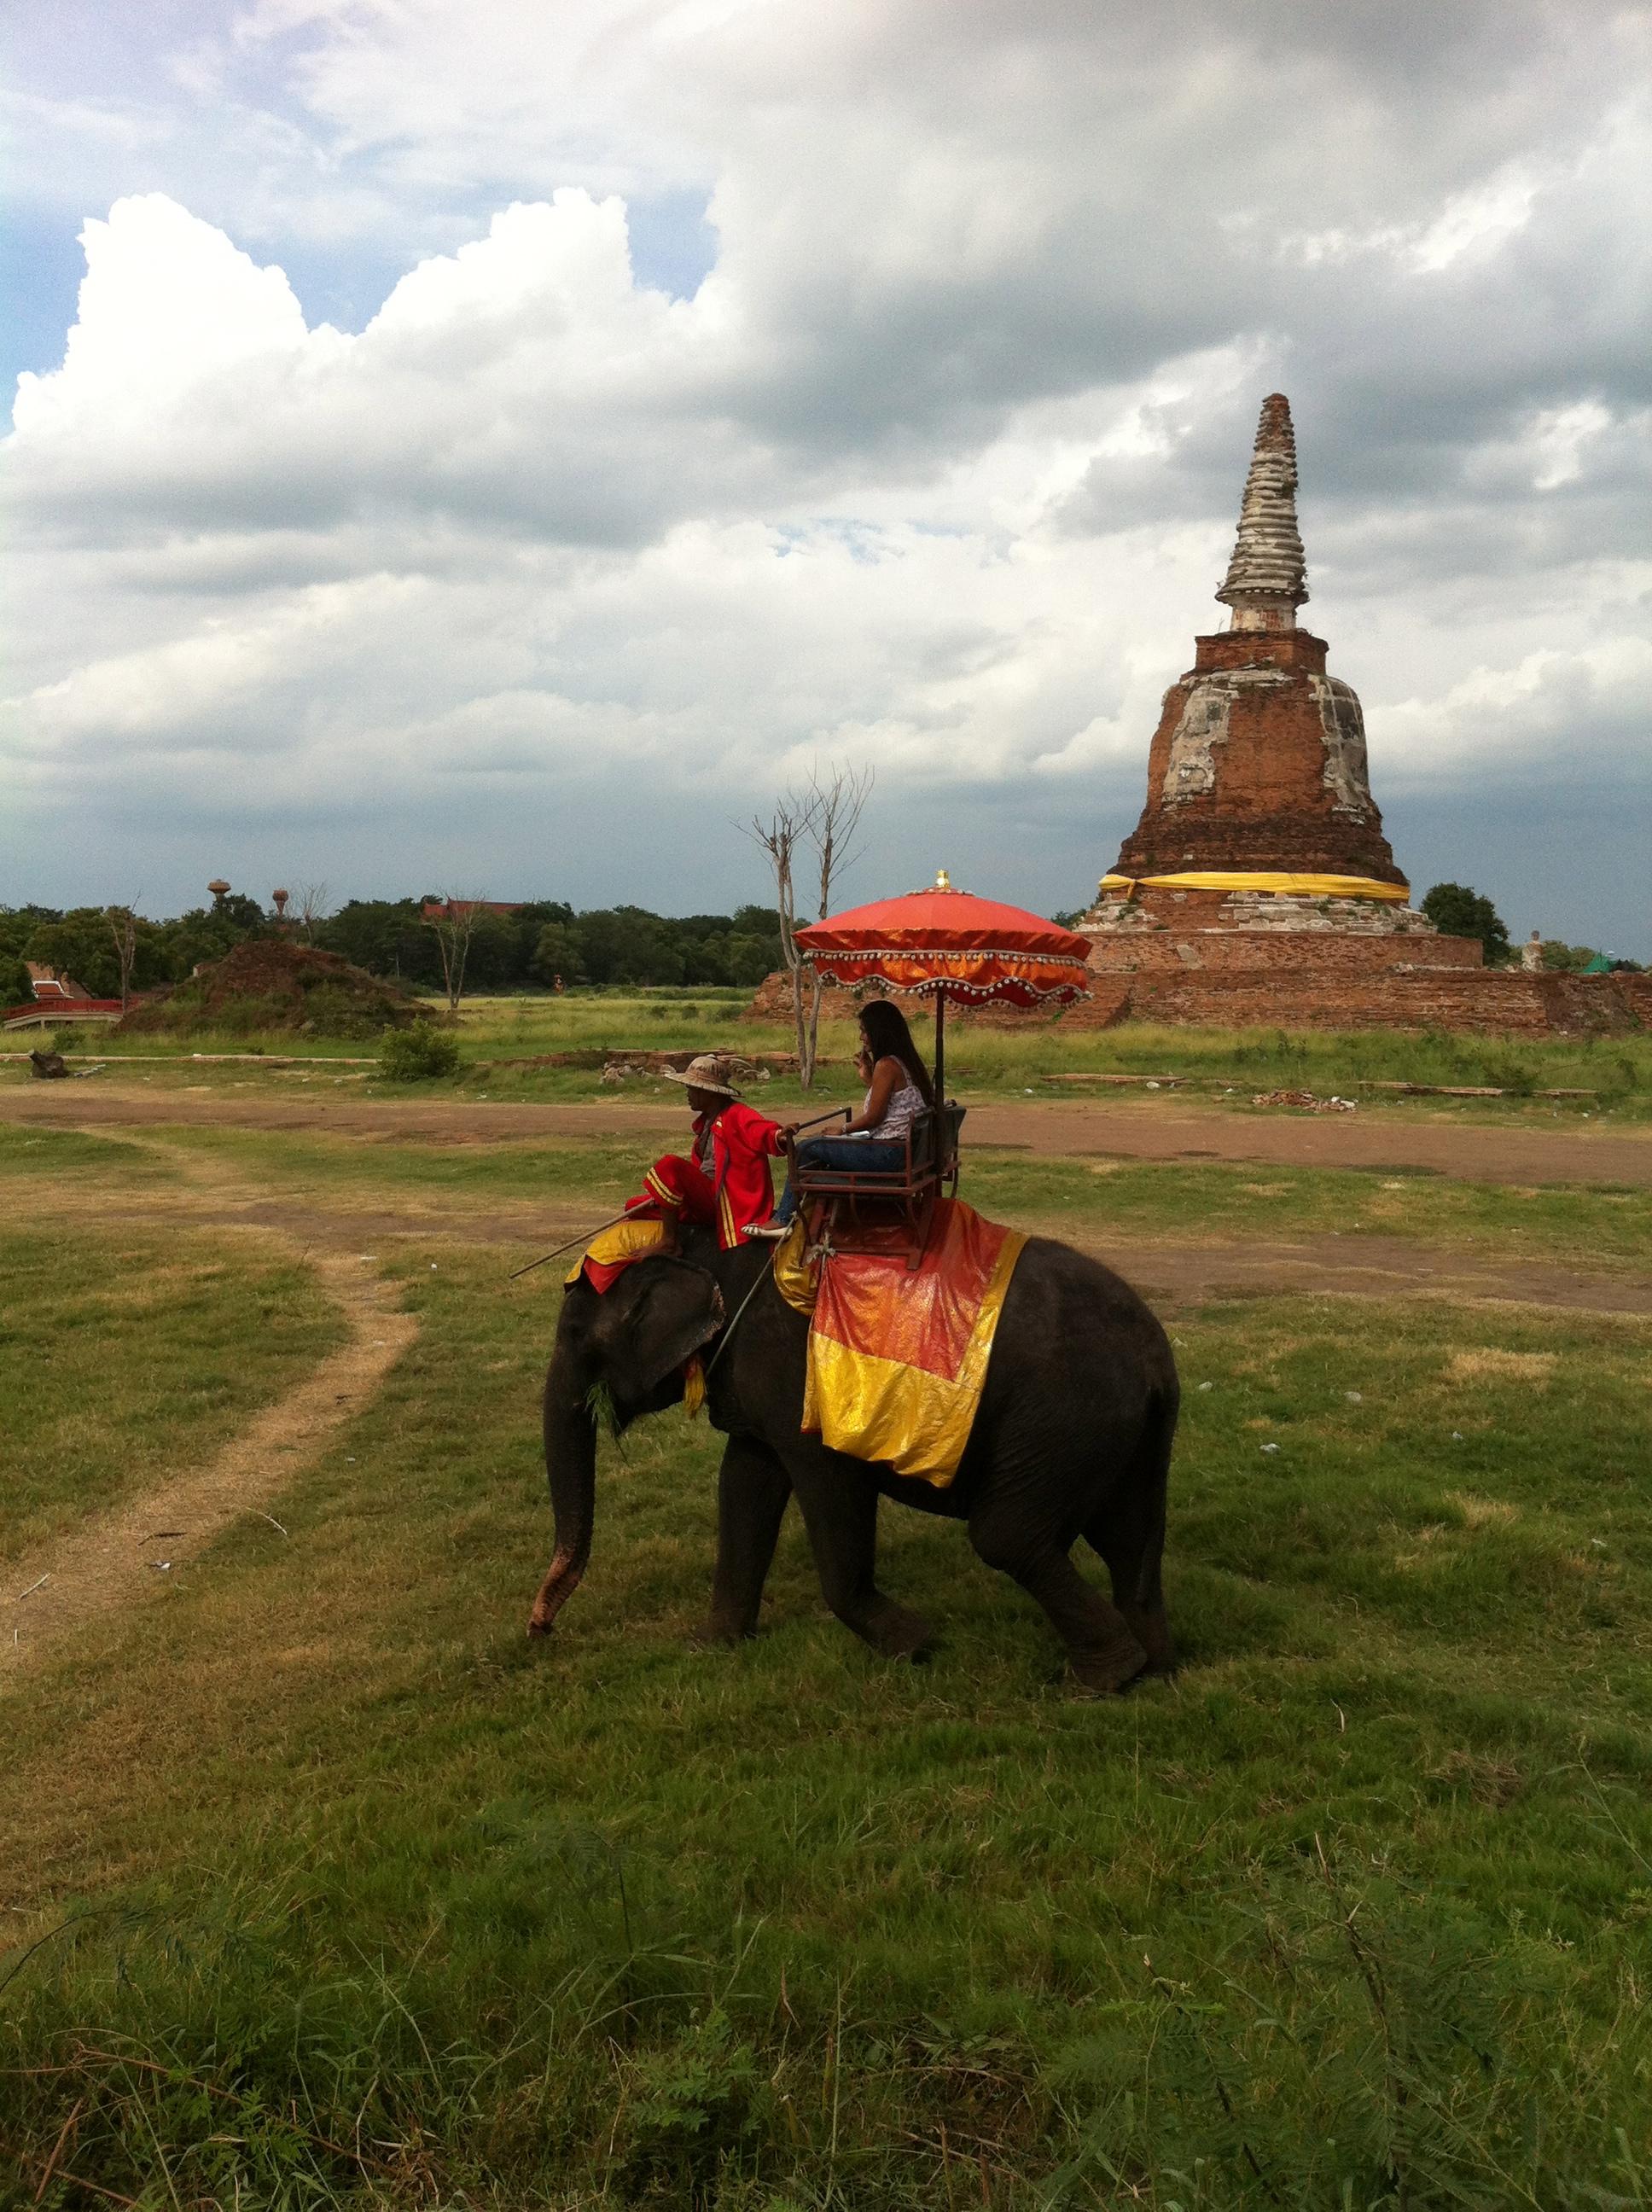 Elephant ride at Ayutthaya